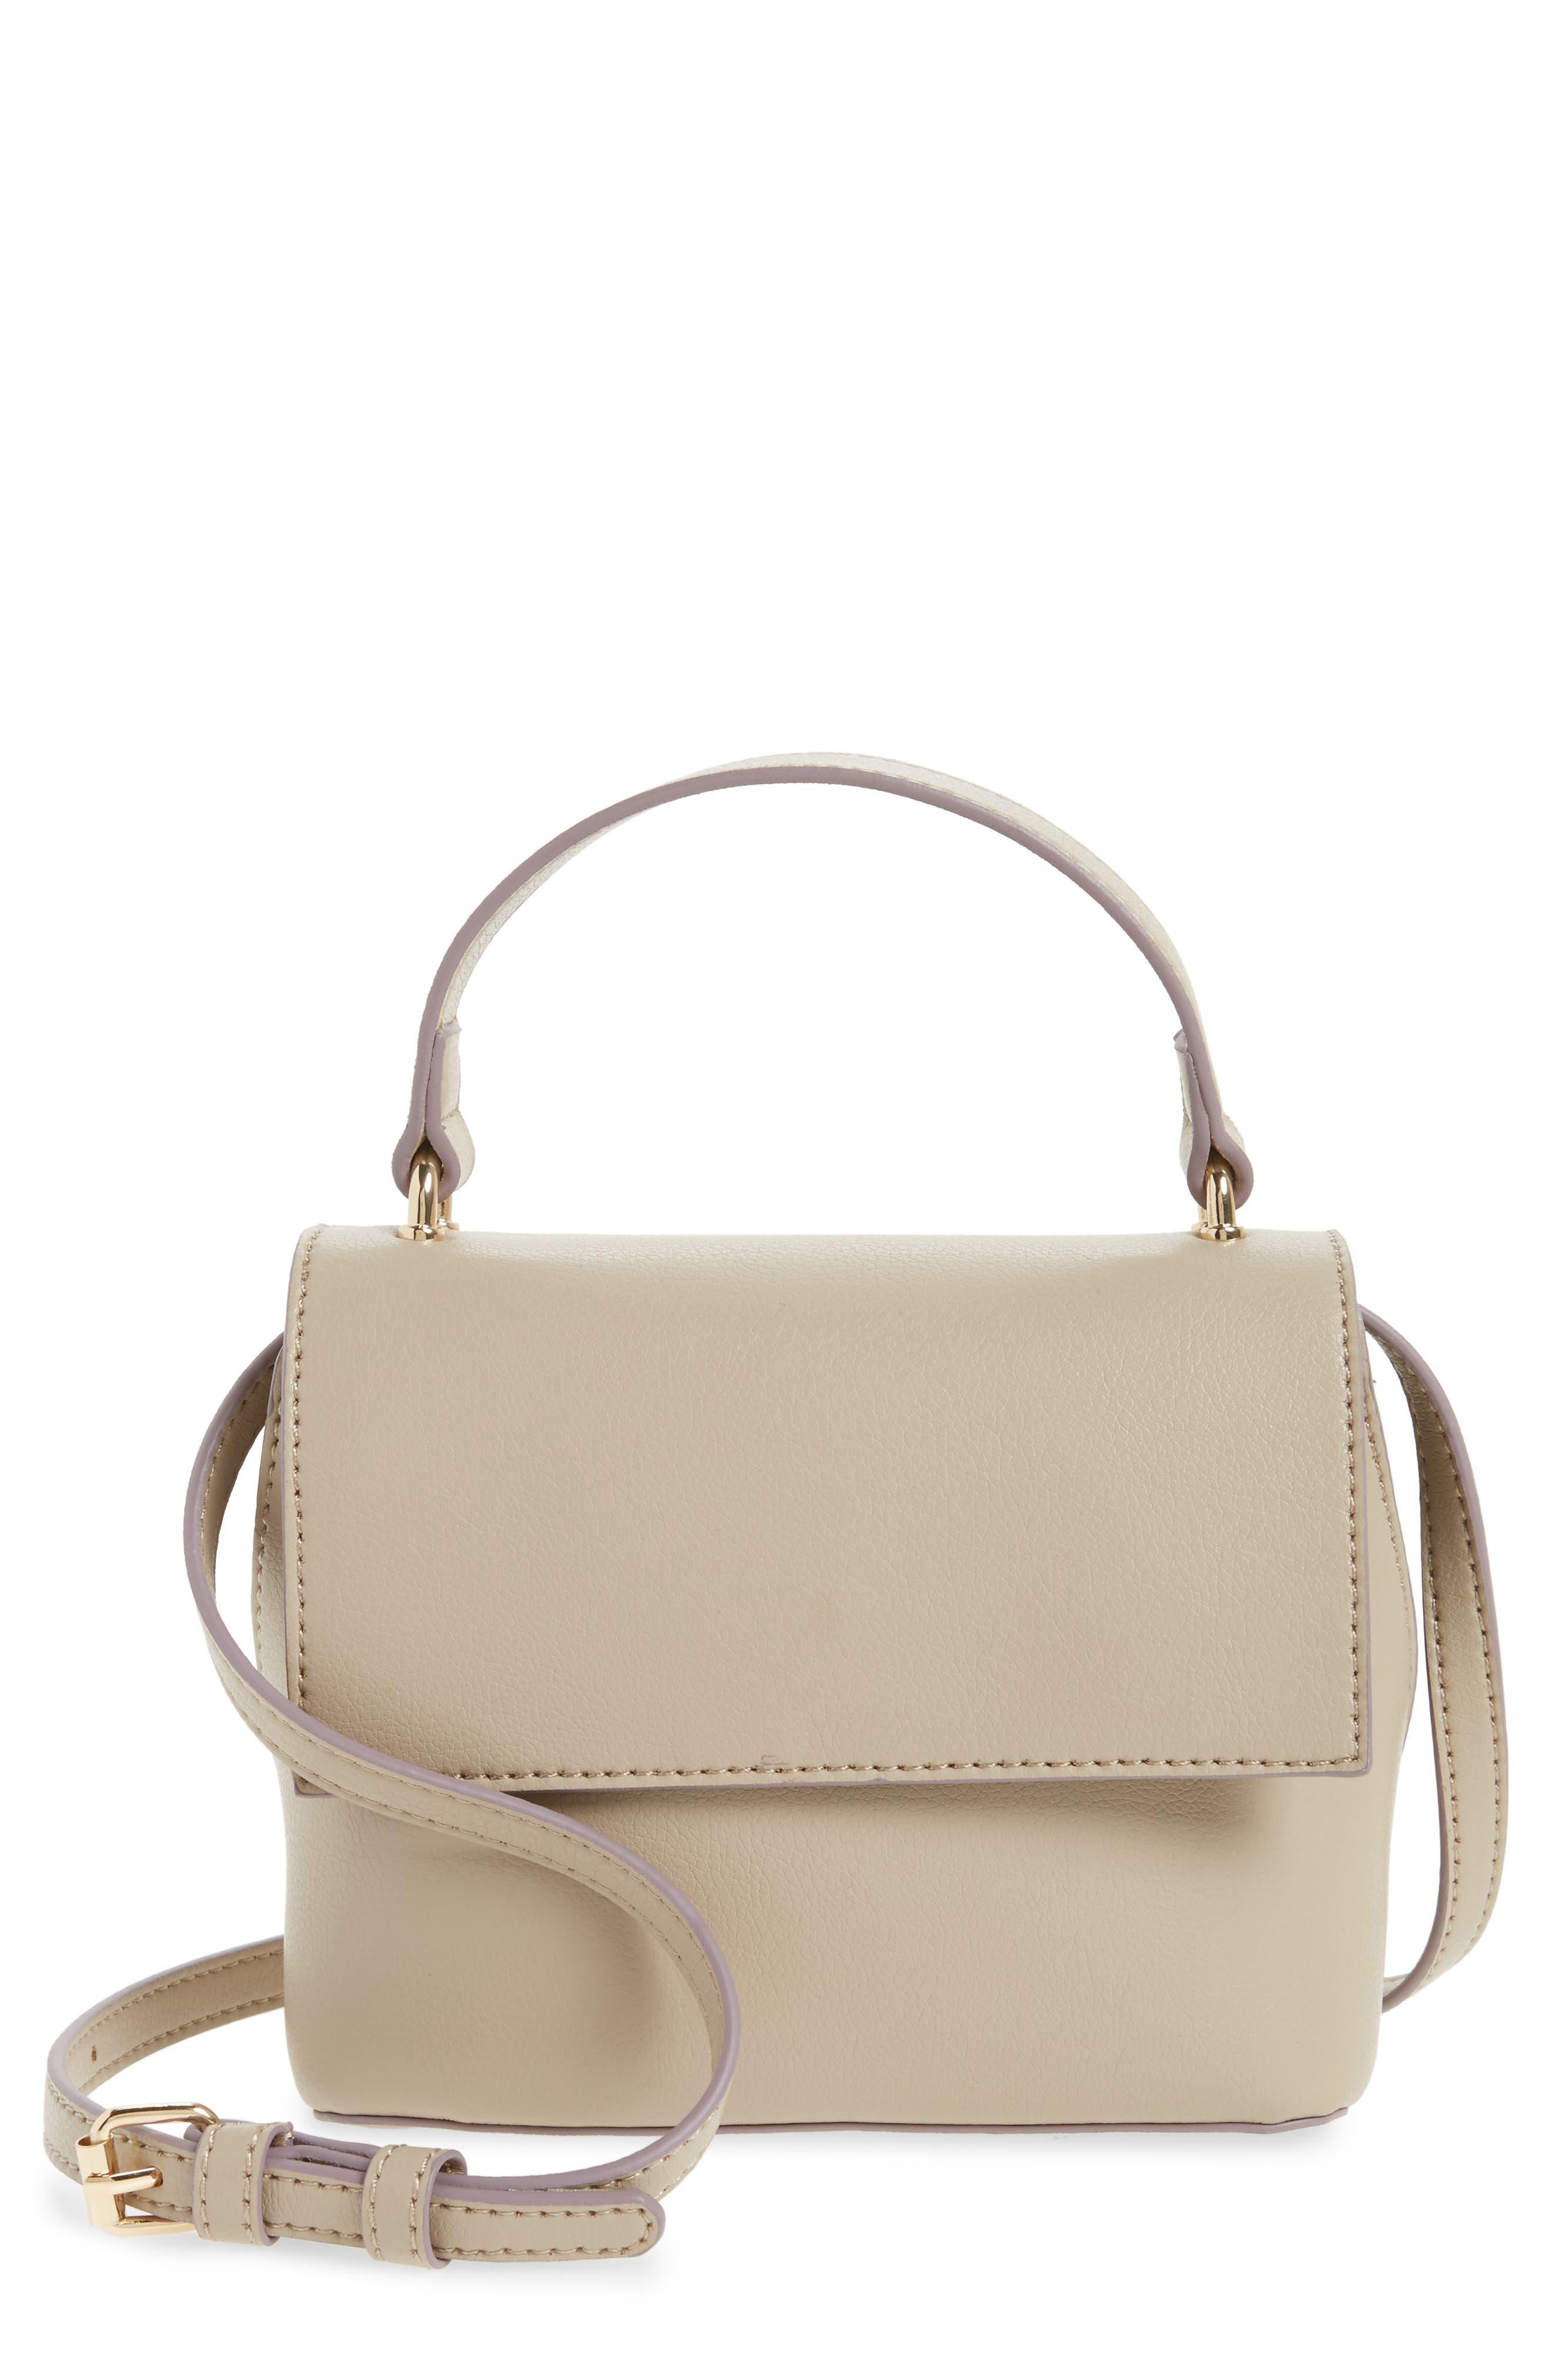 Main Image - Sole Society Mini Chino Crossbody Bag